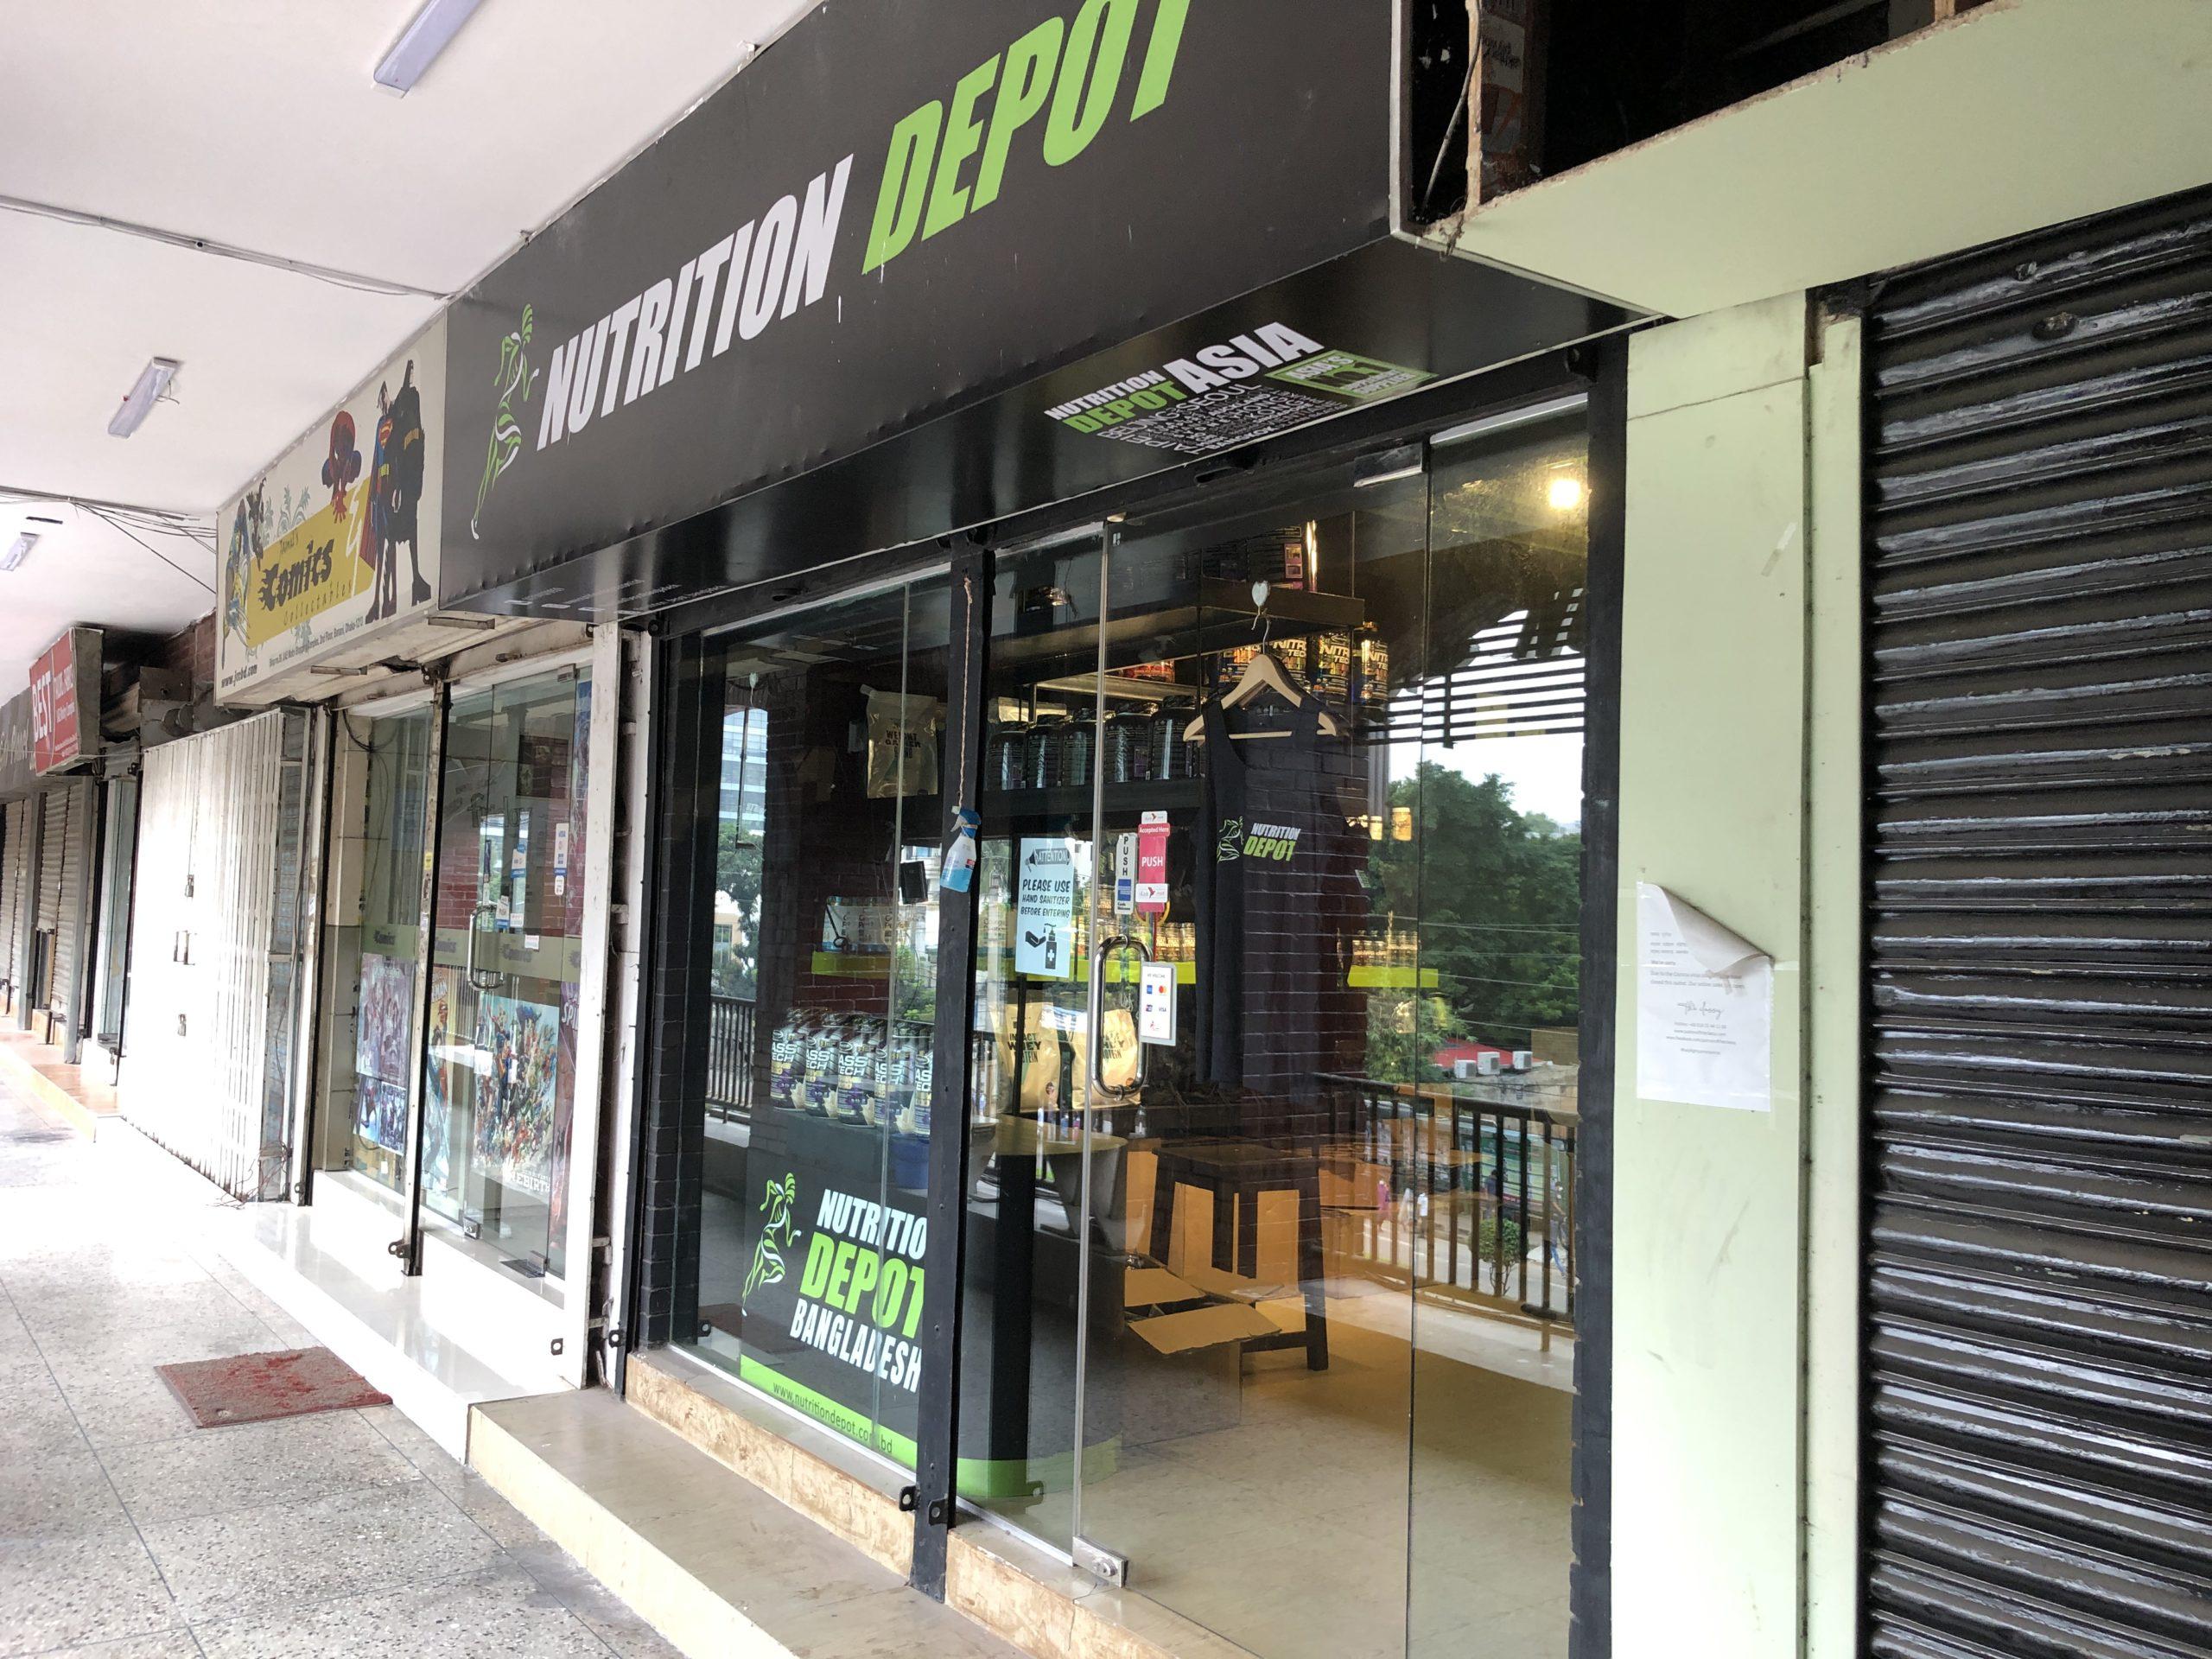 「プロテインやフィットネスグッズが手に入る店」Nutrition Depot@ダッカ・ボナニ